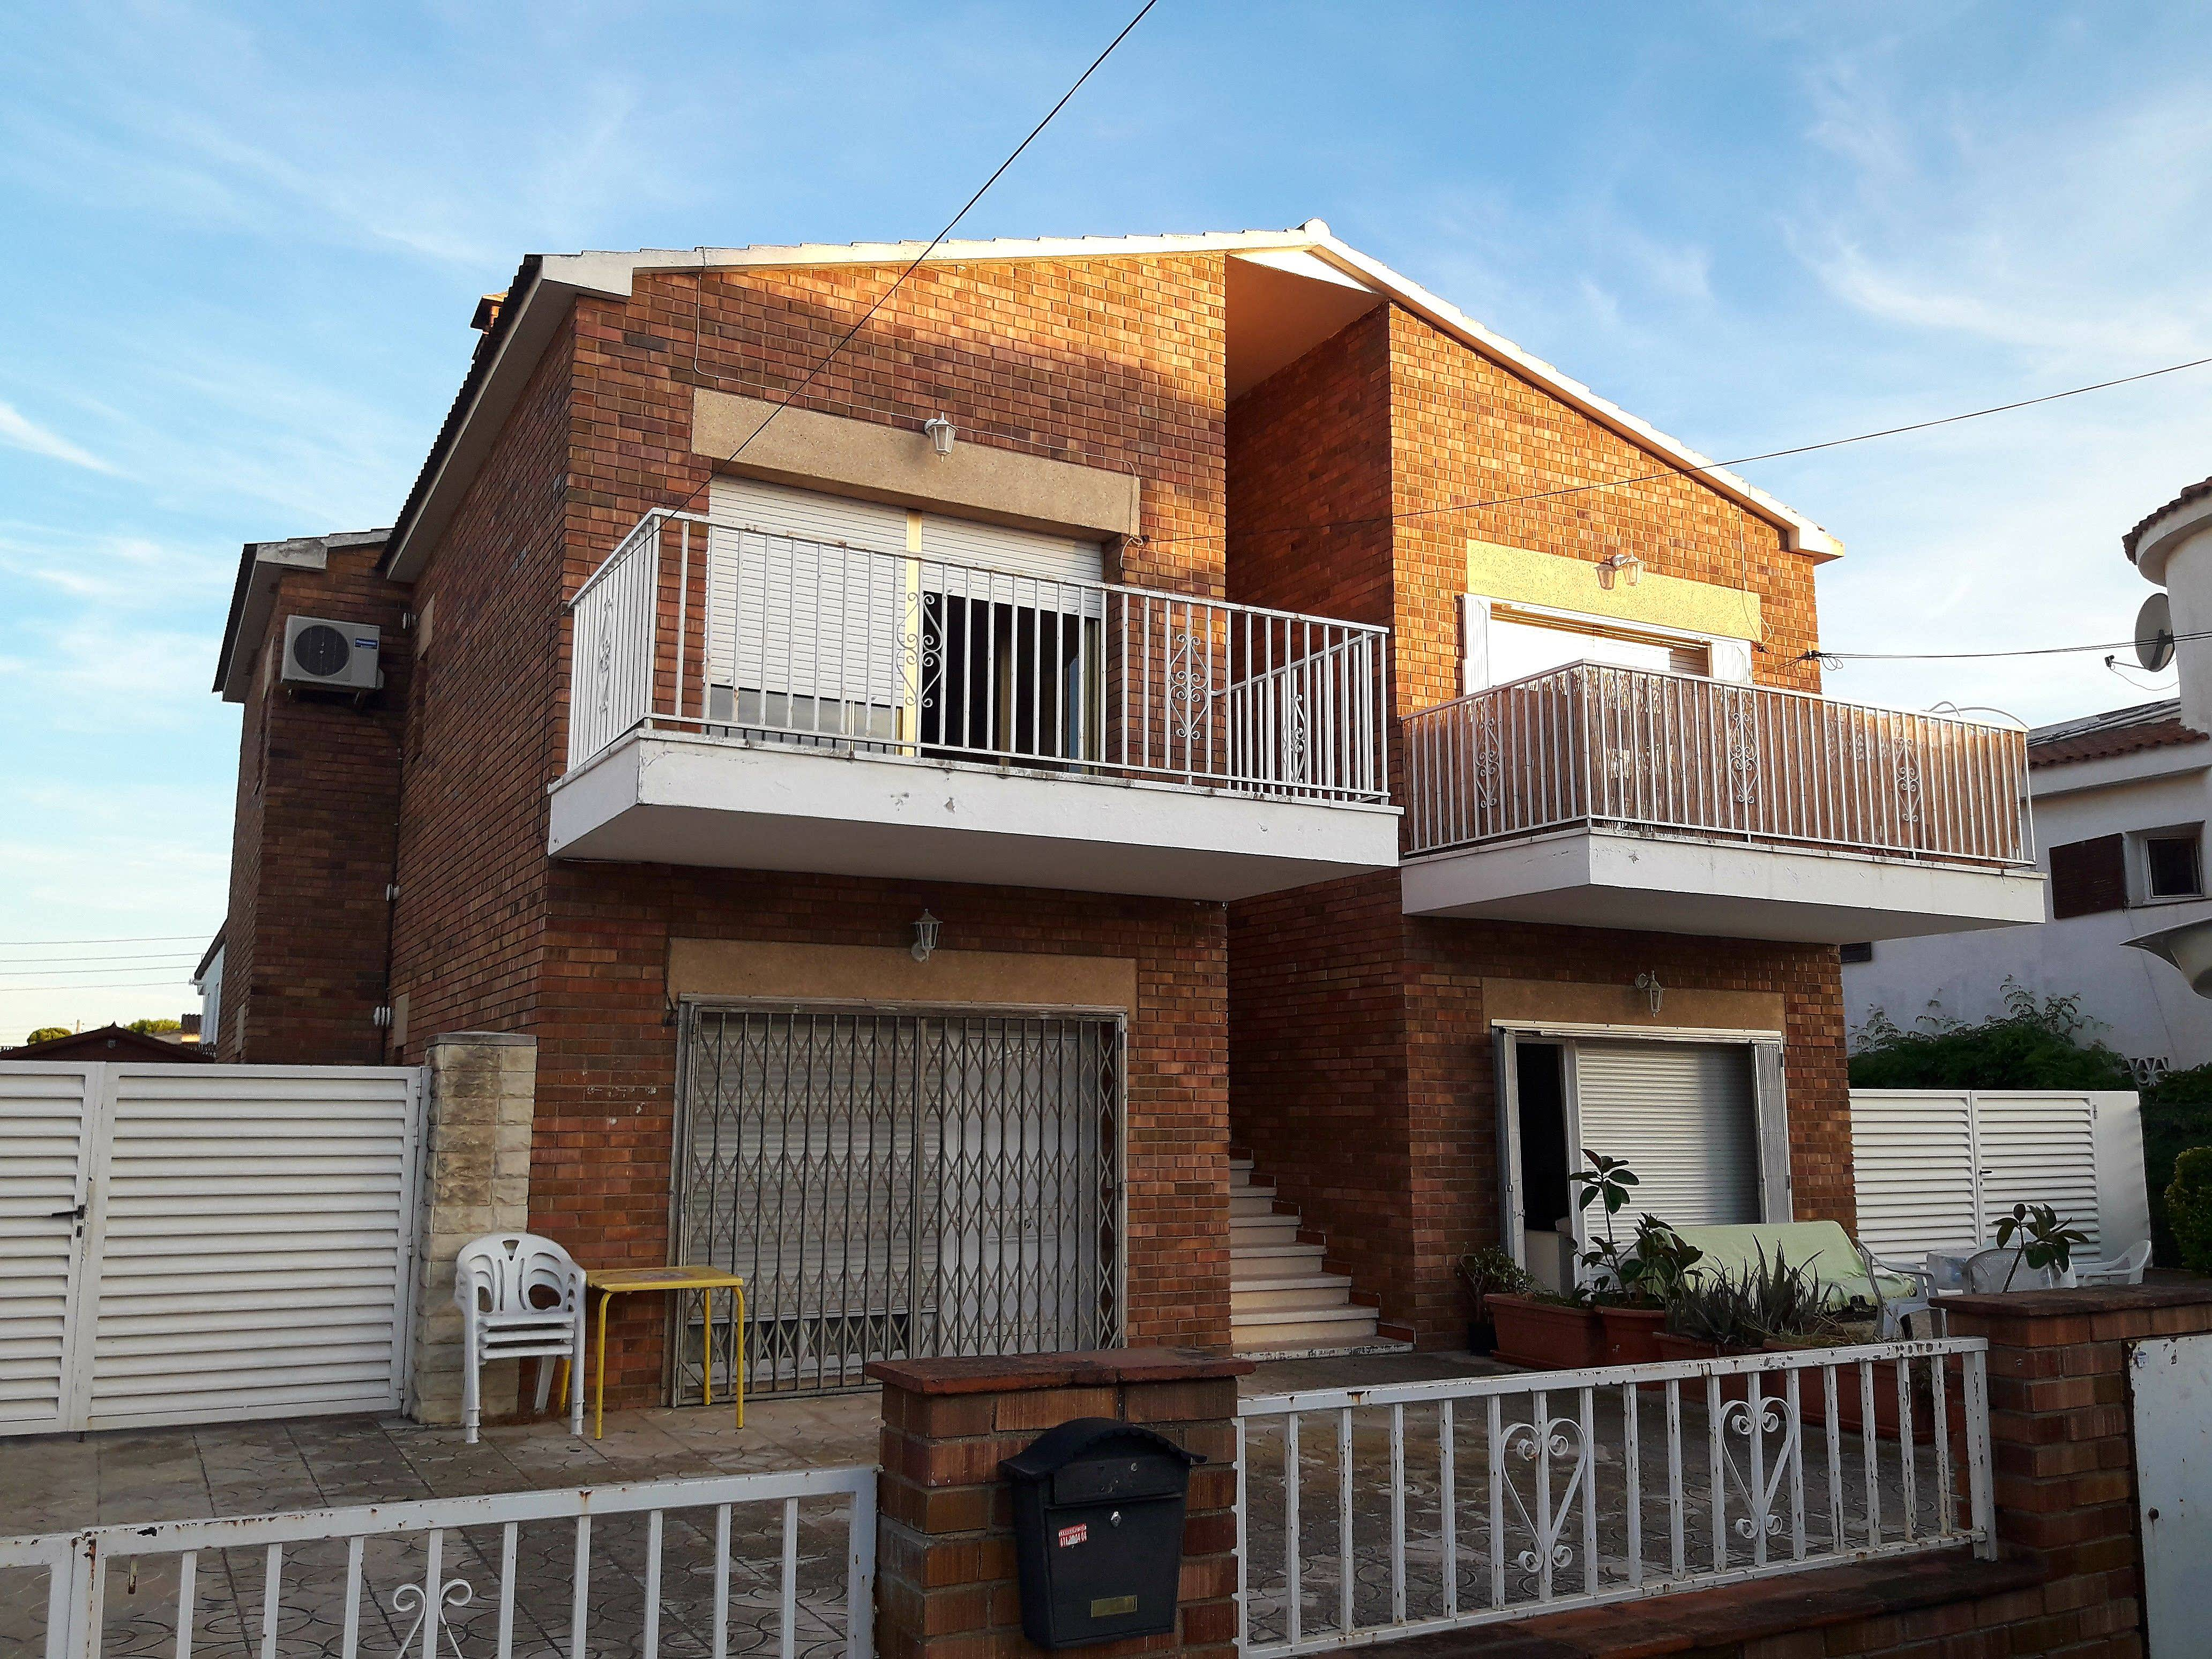 Apartamento en alquiler en catalu a la llosa cambrils tarragona costa dorada - Alquiler apartamento en cambrils ...